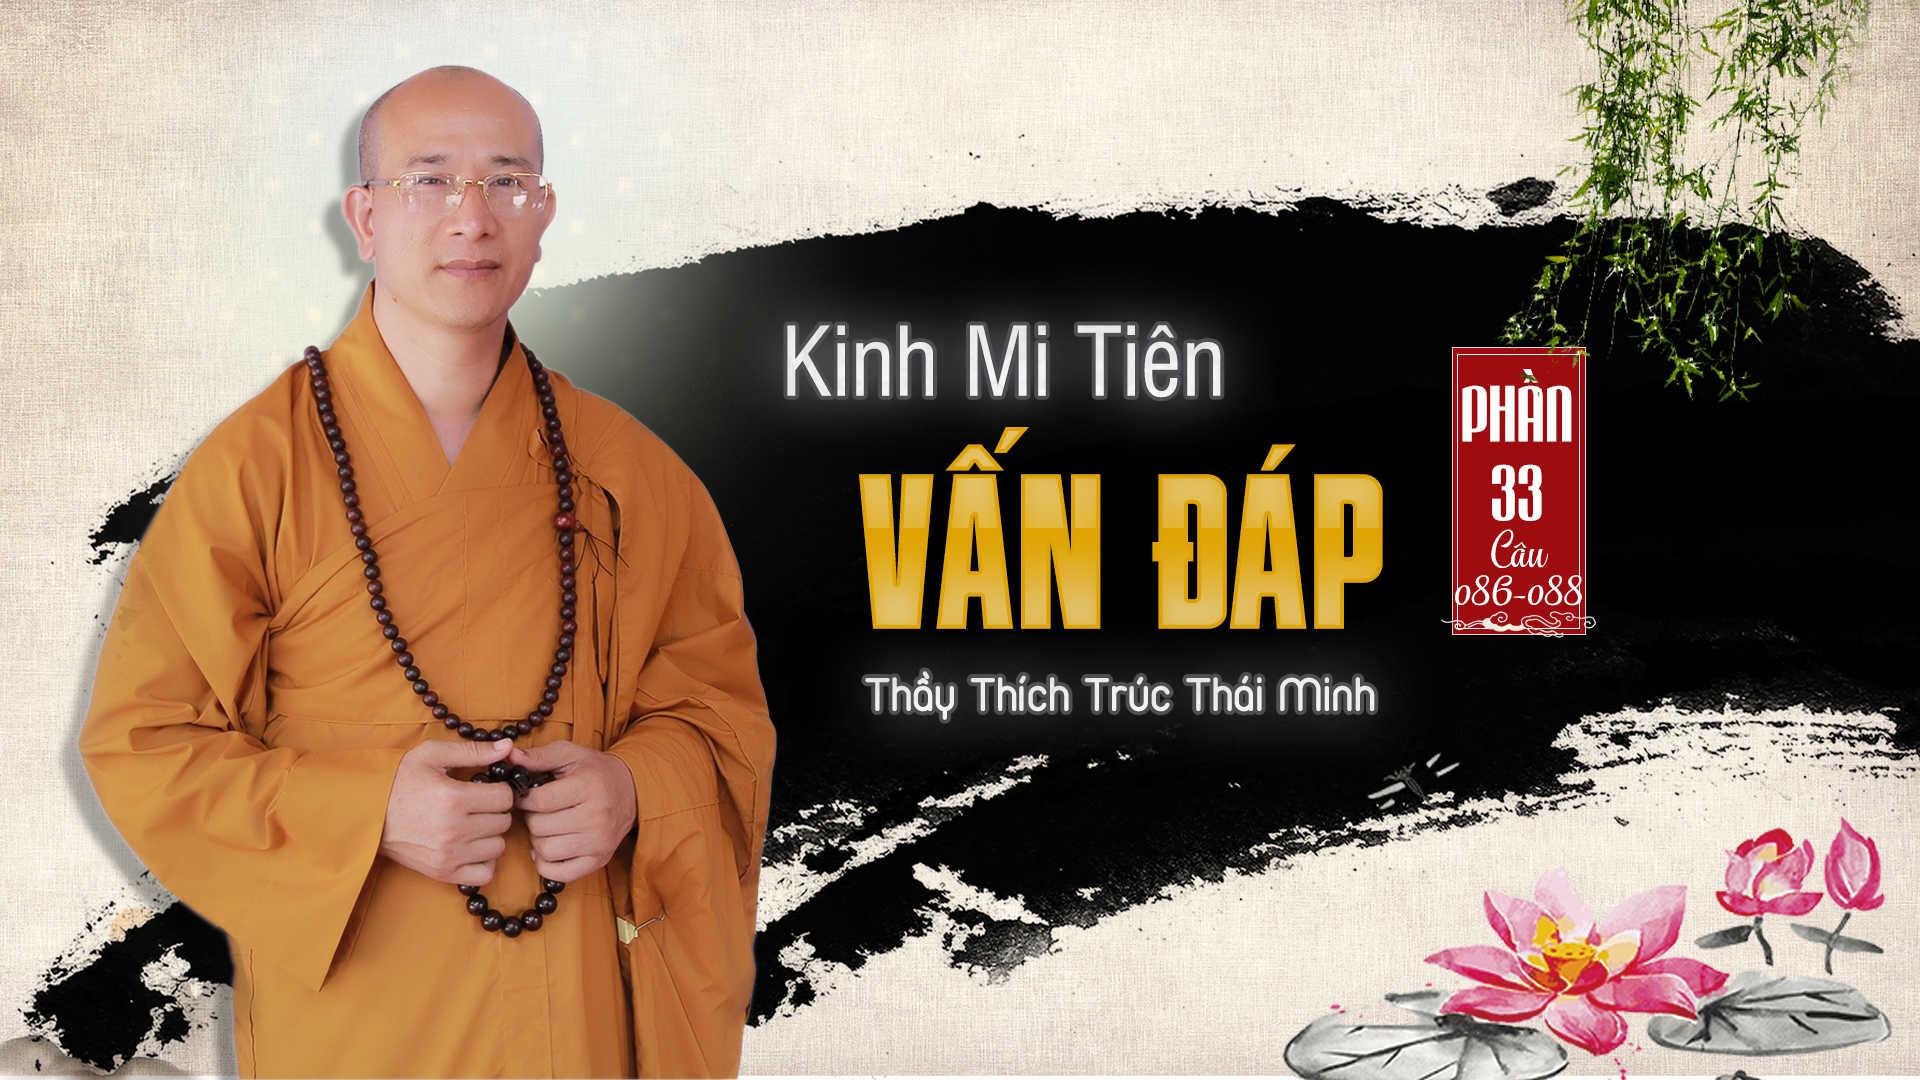 Kinh mi tiên vấn đáp phần 33 Thầy Thích Trúc Thái Minh chùa Ba Vàng.